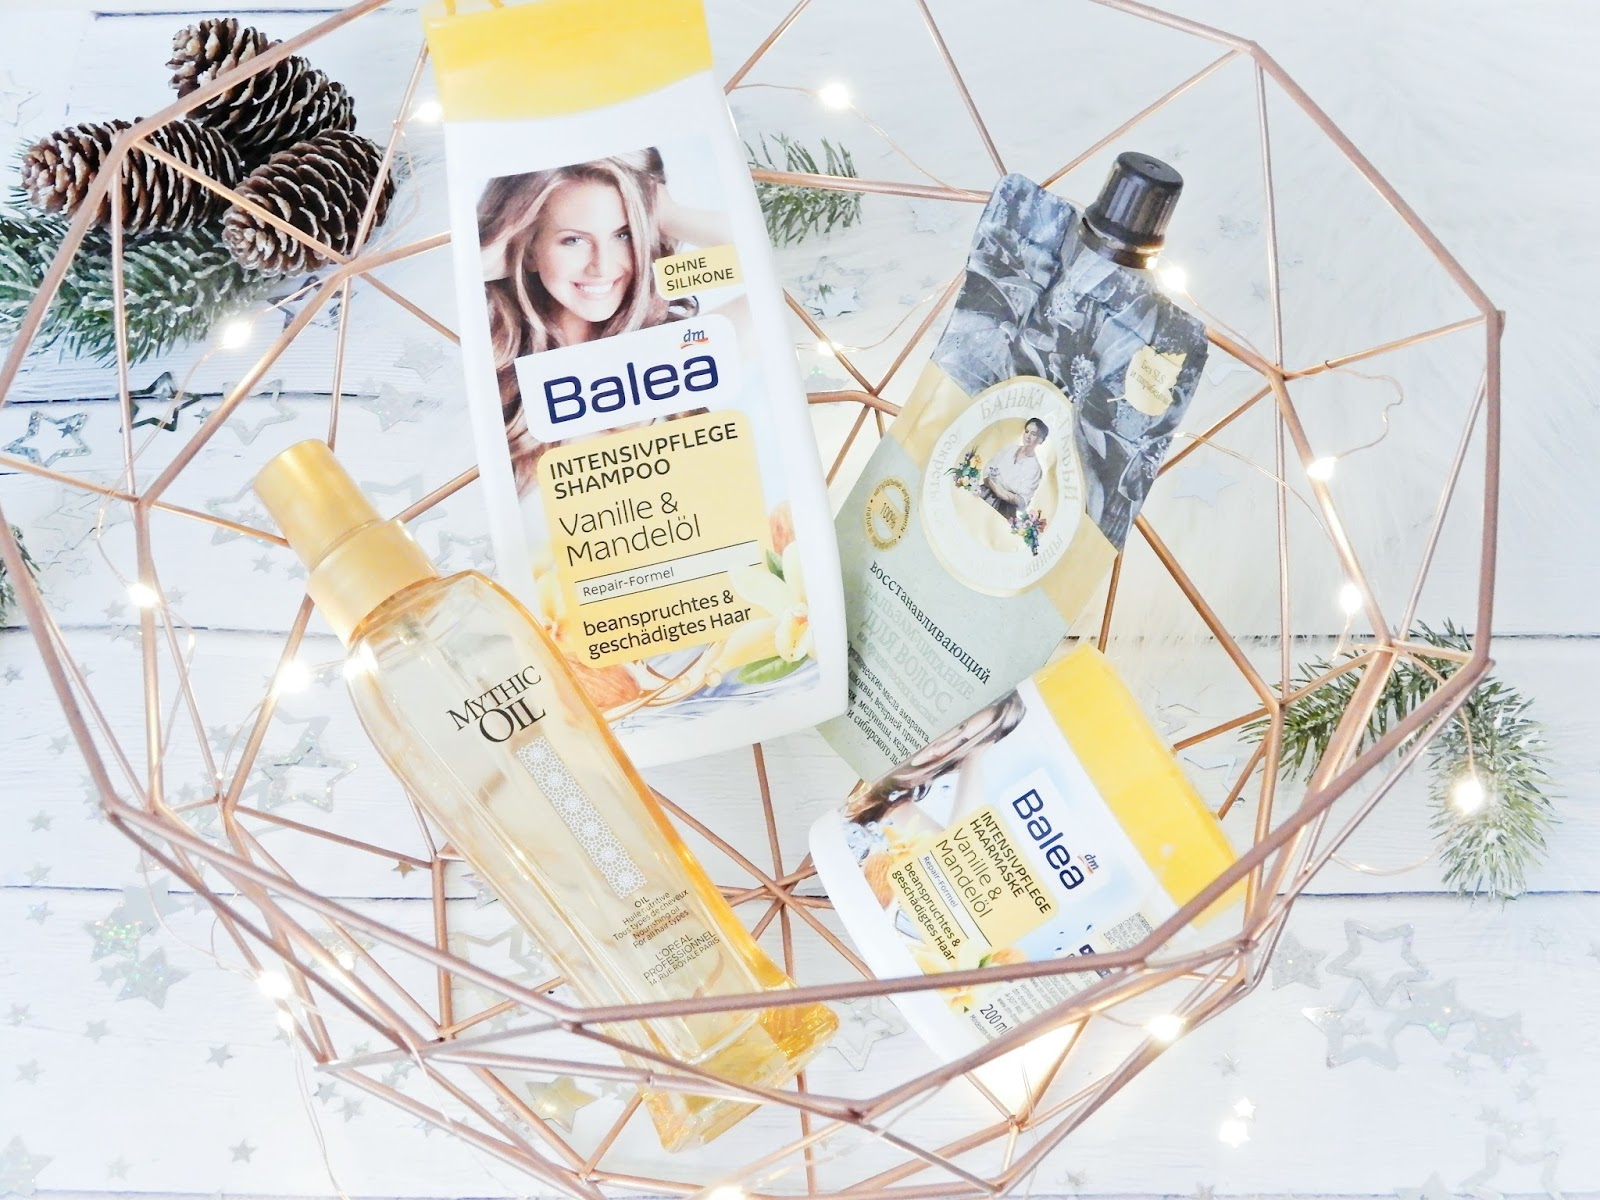 Balea Shampoo Intensivpflege z wanilią i olejkiem migdałowym, Balea Haarmaske Intensivpflege mit Vanille Duft & Mandelöl, Bania Agafii - balsam do włosów - odżywczo - regeneracyjny,L'Oreal Mythic Oil,